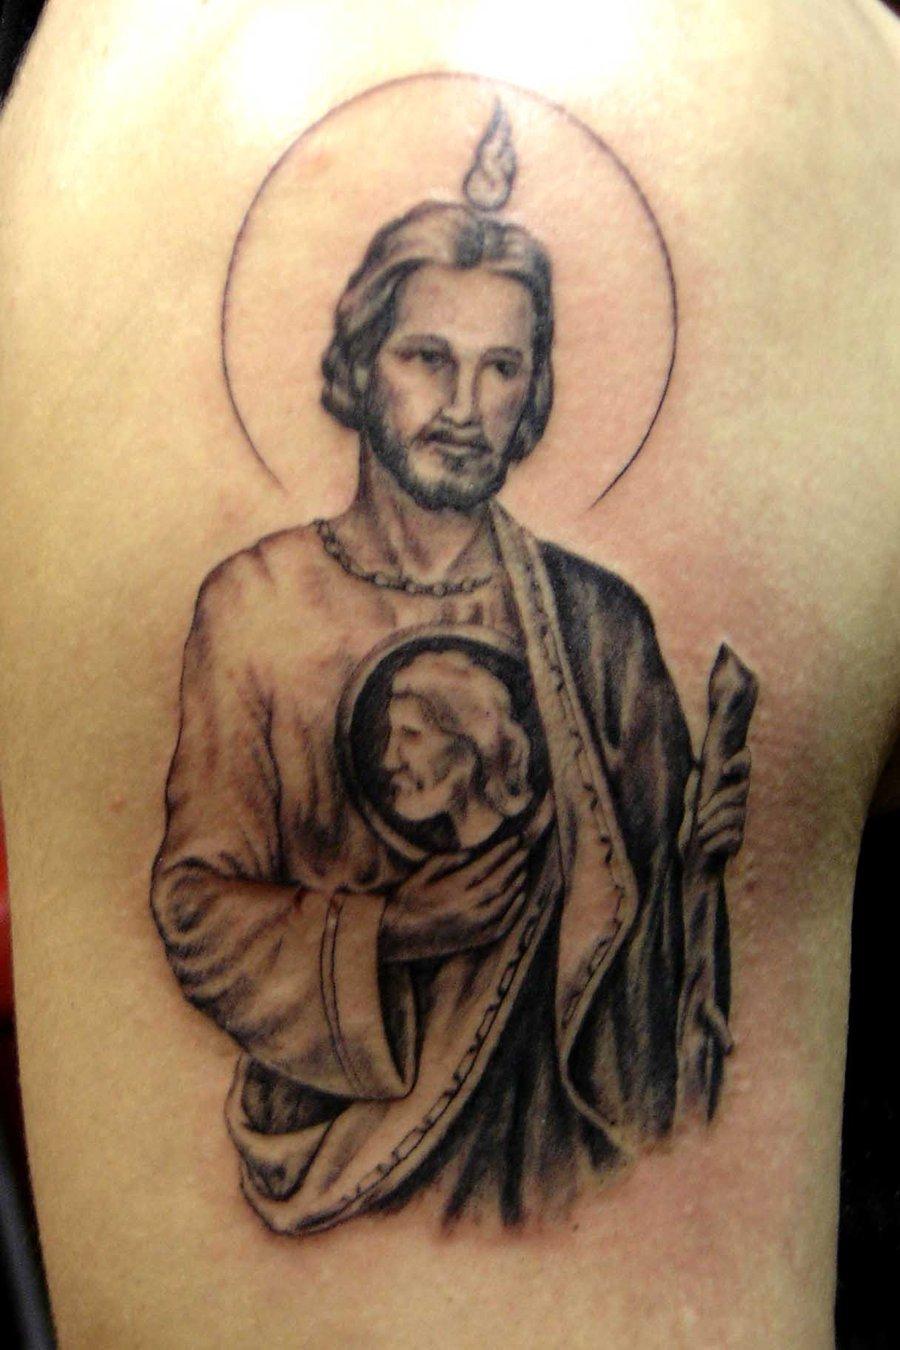 Saint jude Tattoos